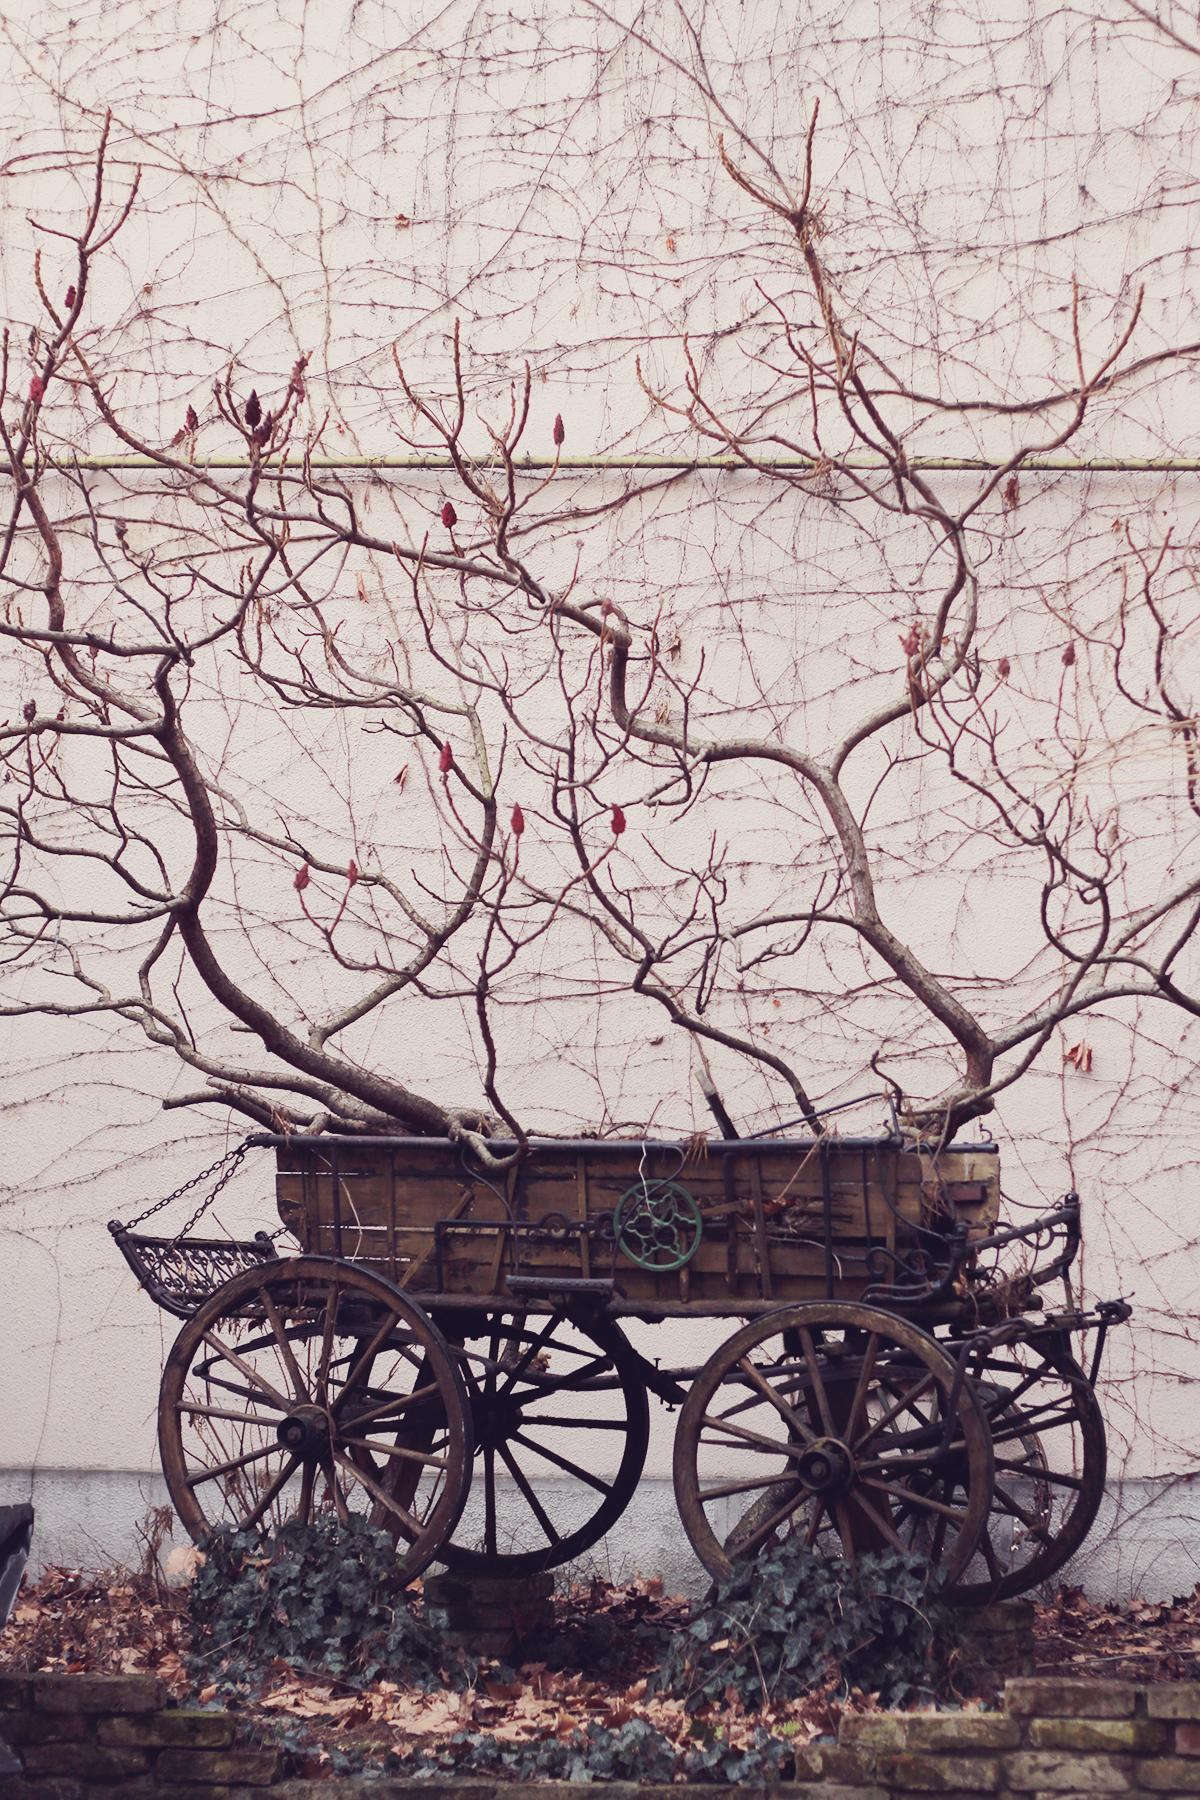 tree and carriage - szeged hungary